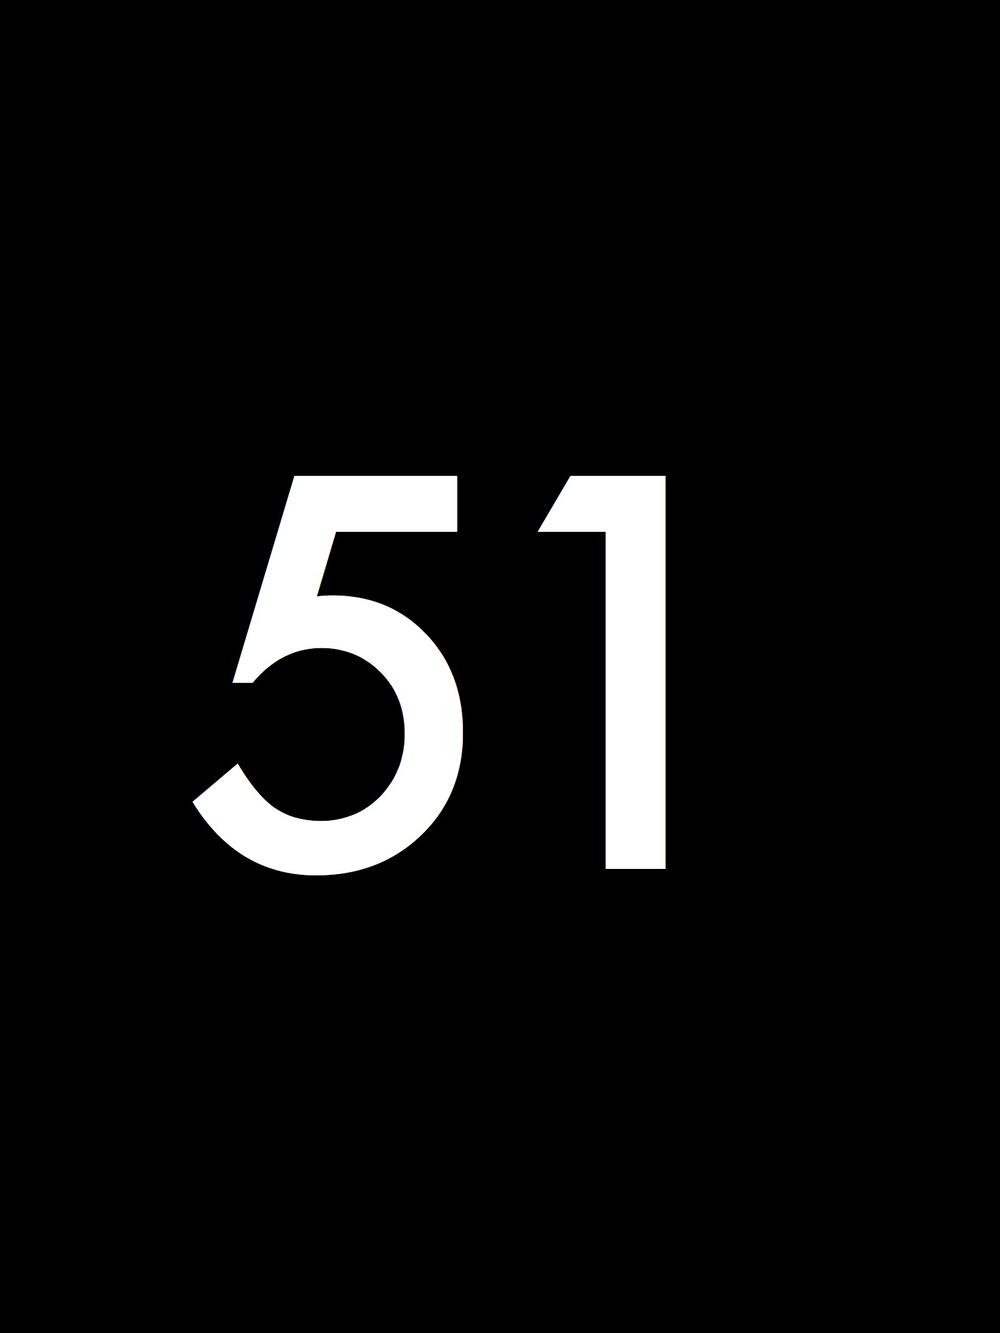 Black_Number.051.jpg